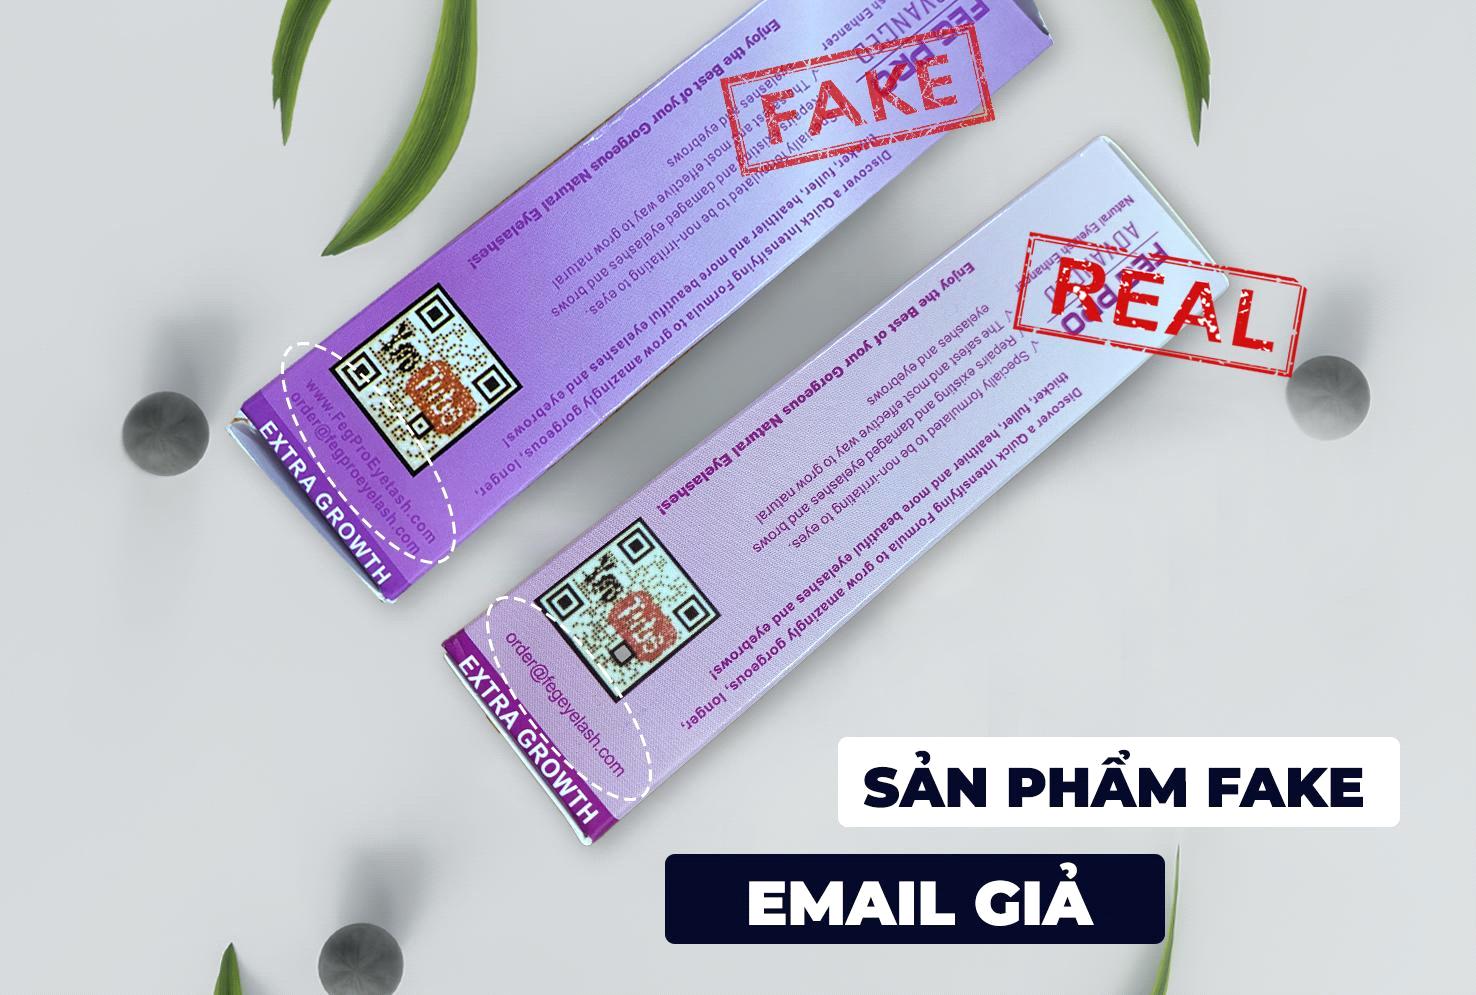 """5 cách phân biệt serum dưỡng mi FEG thật - giả mà các """"tấm chiếu mới"""" nên bỏ túi ngay và luôn! - Ảnh 5."""